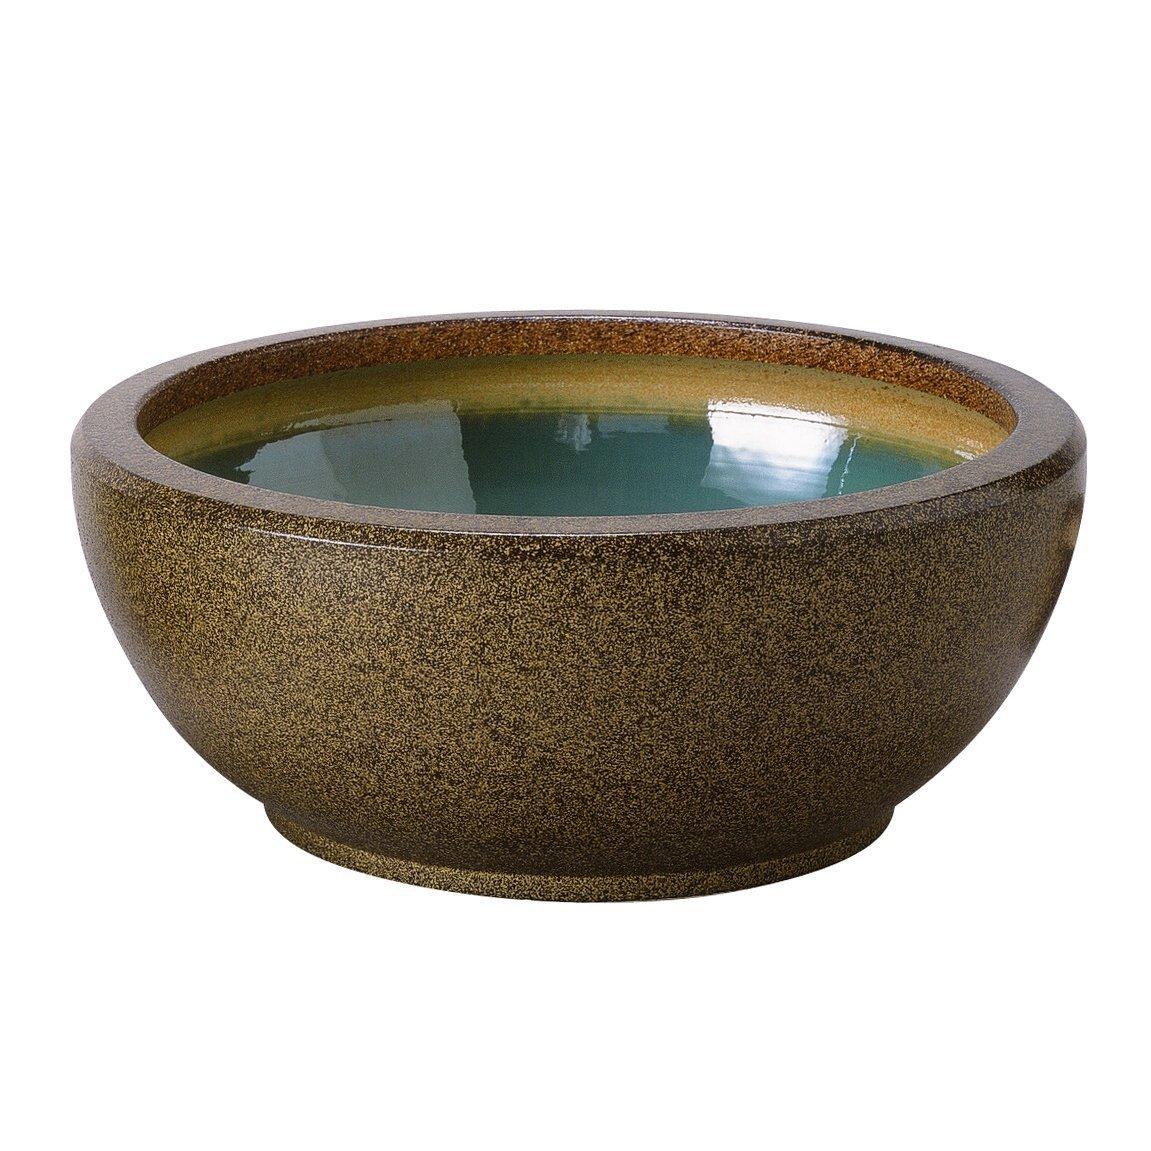 アドミナ 睡蓮鉢 メダカ鉢 金魚鉢 水鉢 13号 40cm 【セゾン SA-3】